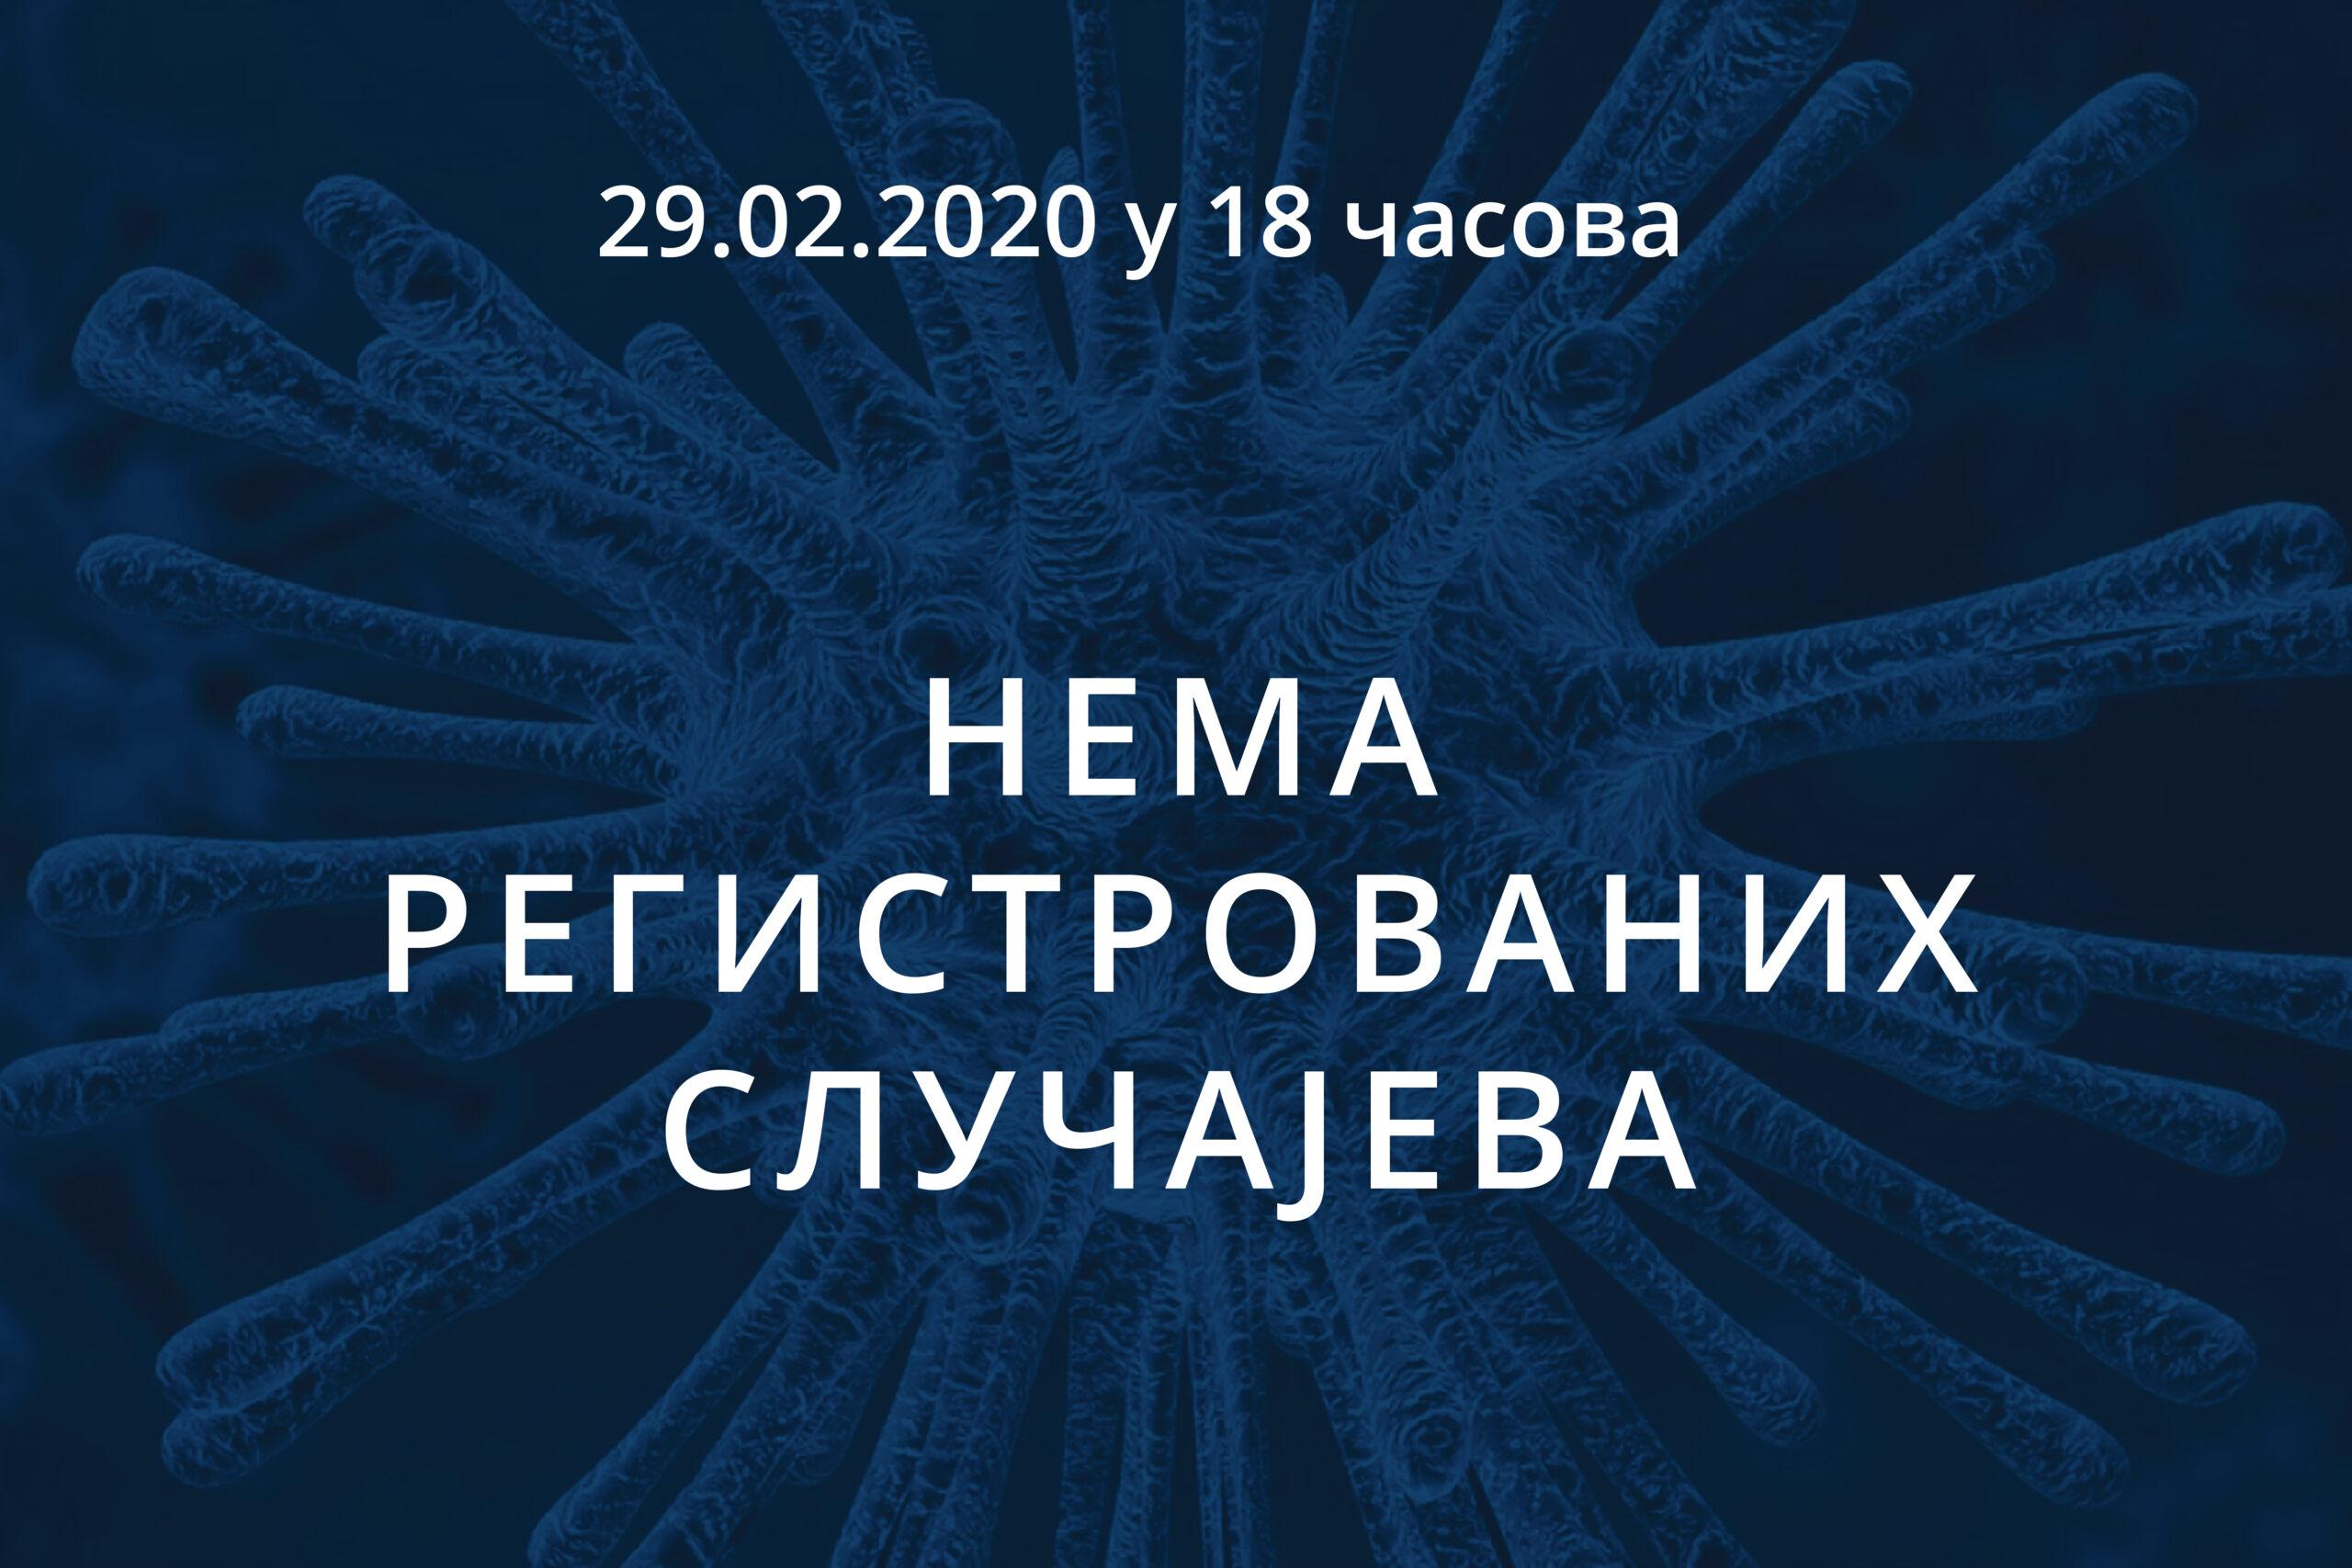 Информације о корона вирусу COVID-19, 29.02.2020 у 18 часова